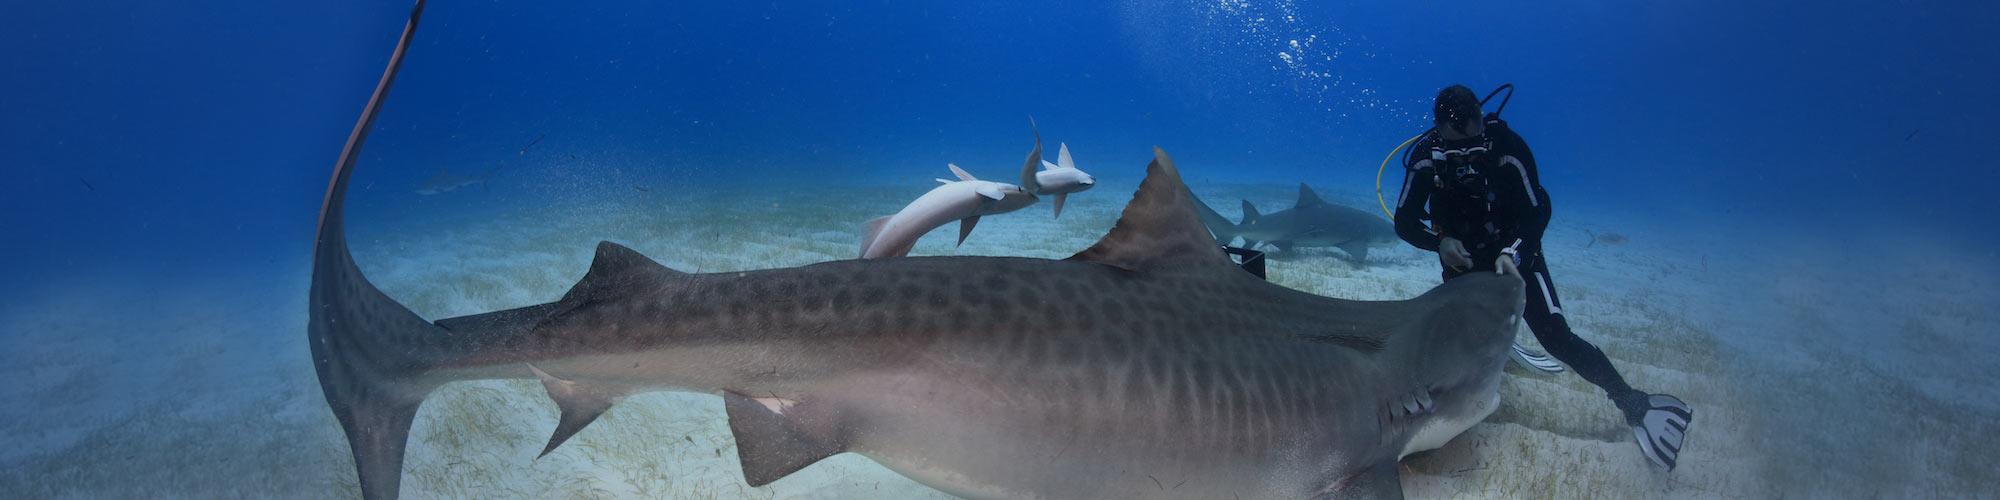 Buceo en Maldivas: Paraíso de tiburones y mantas